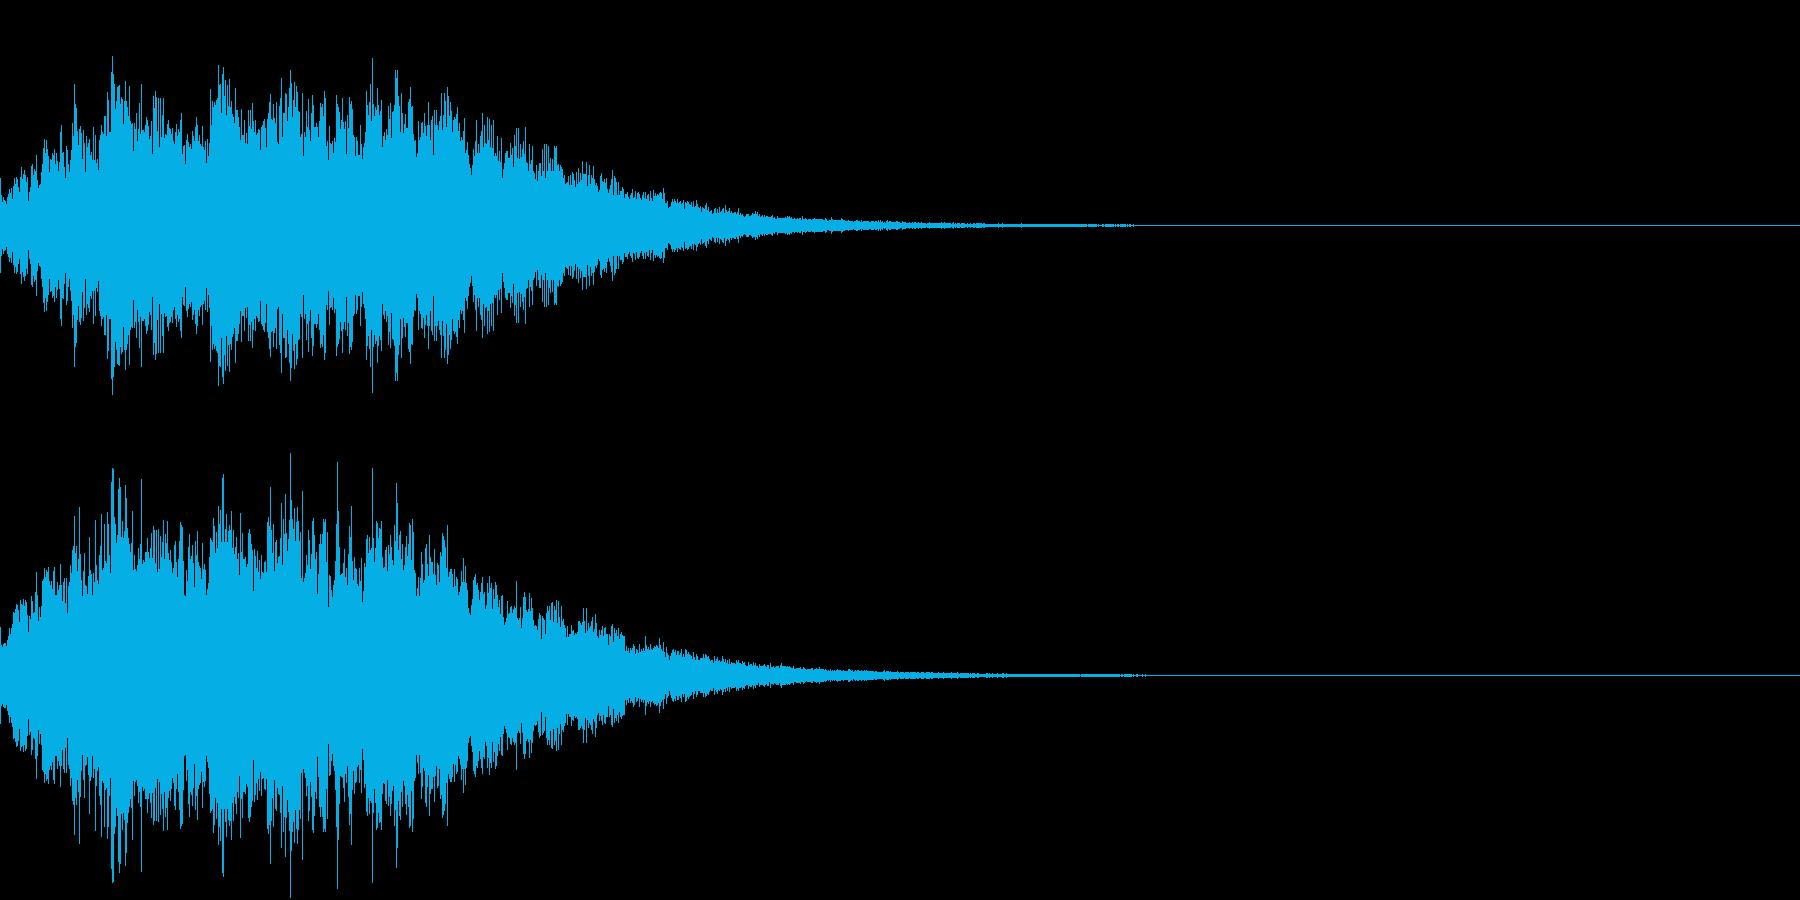 キラキラ 変化 おまじない 魔法 06の再生済みの波形